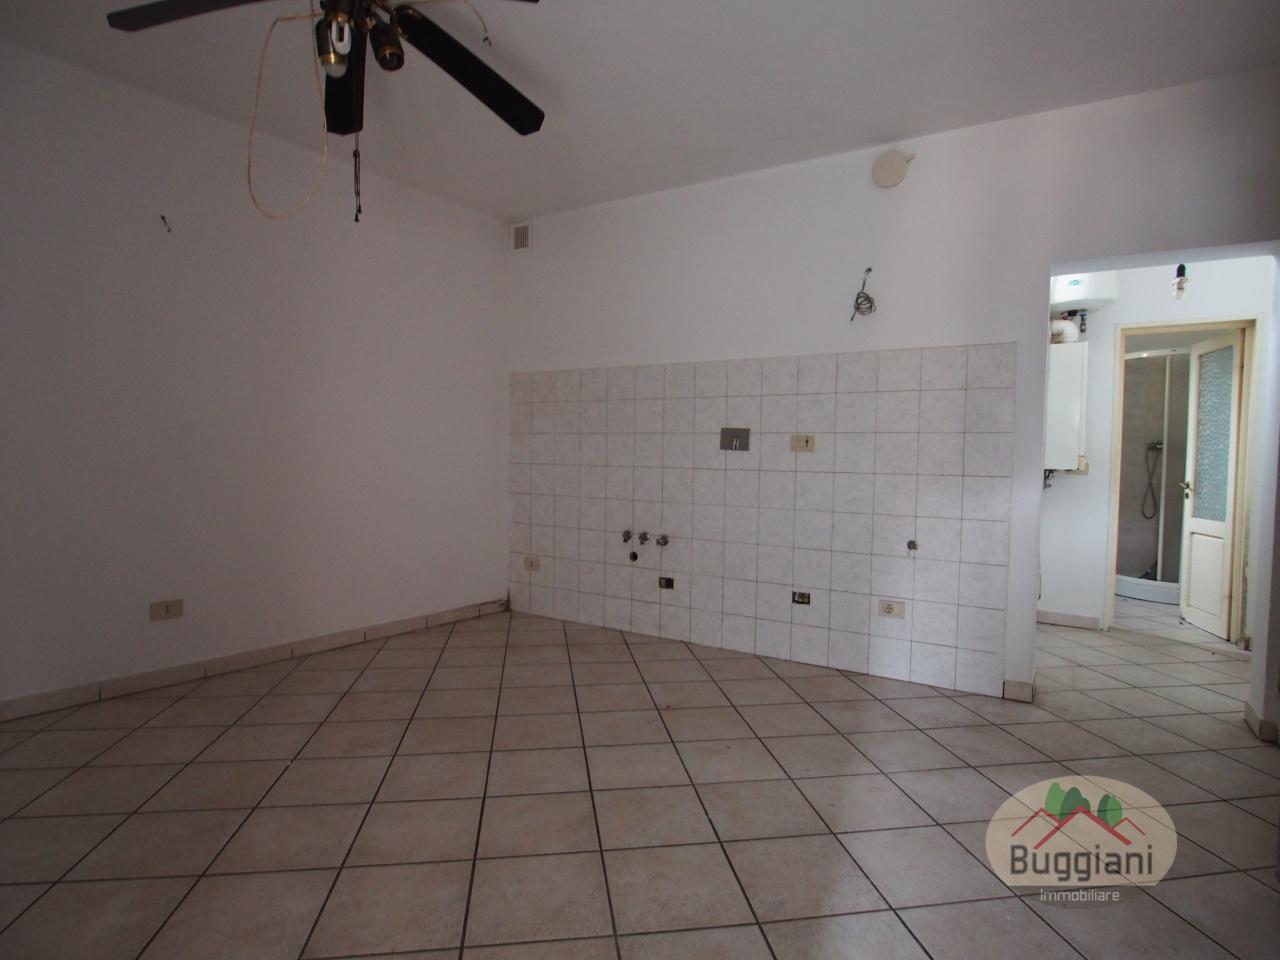 Appartamento in vendita RIF. 1673, San Miniato (PI)